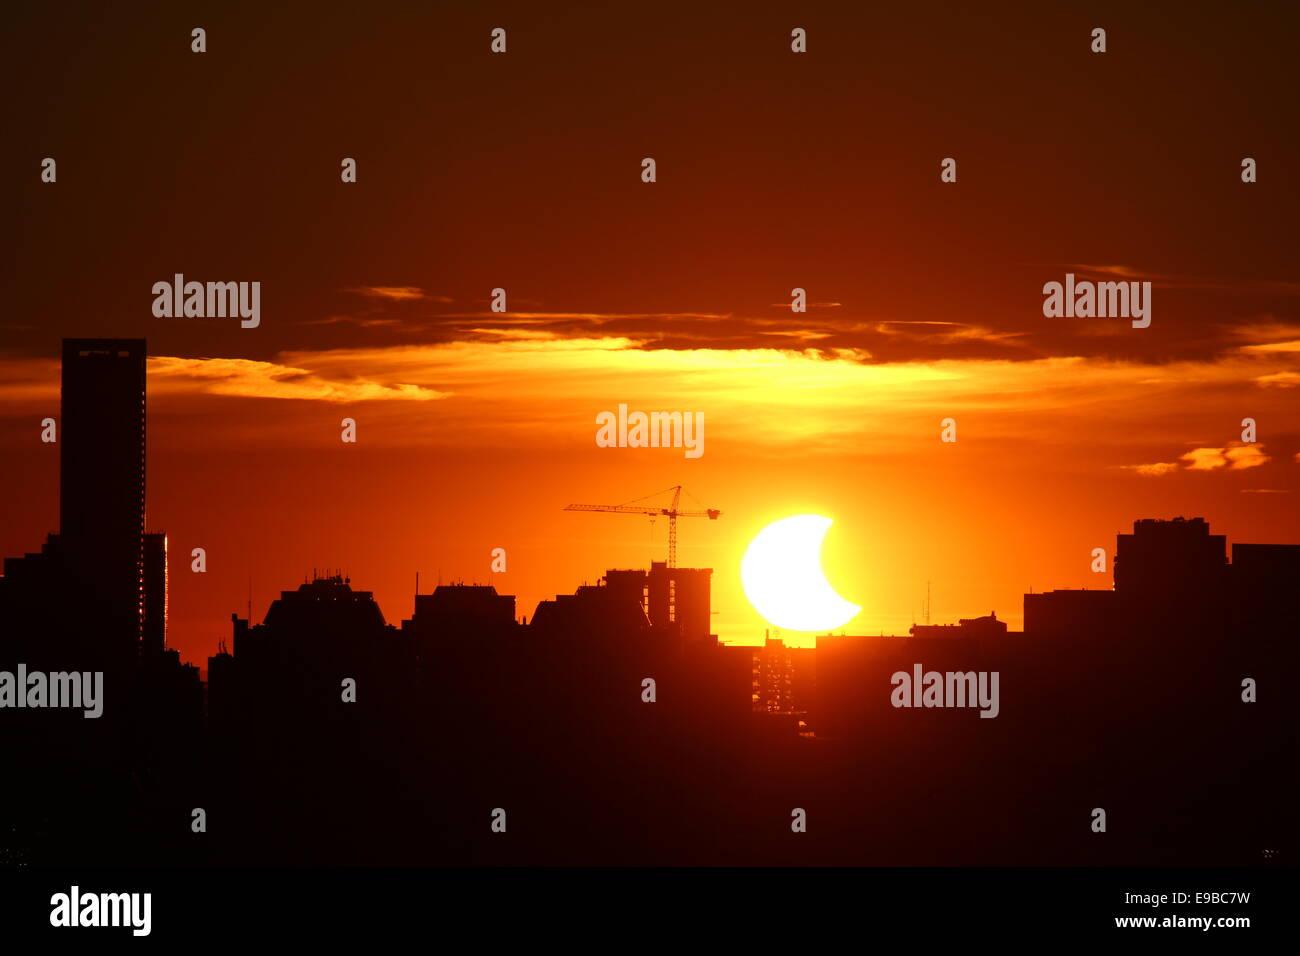 Toronto, ON, Kanada. 23. Oktober 2014. Wie der Mond die Sonne teilweise blockiert, nimmt Toronto einen Einblick Stockbild